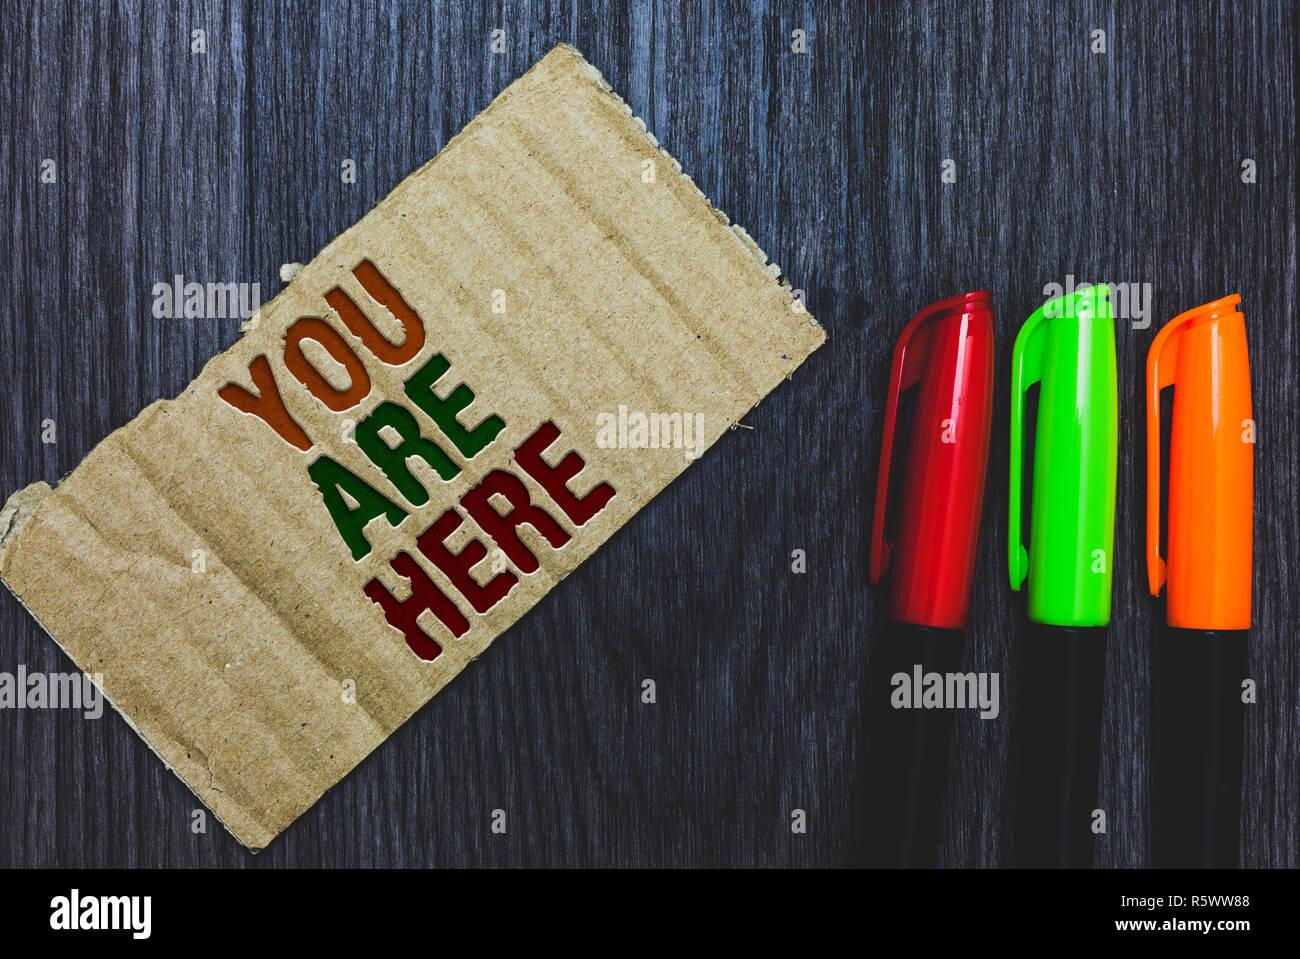 Escribir nota que muestra Usted está aquí. Exhibición fotográfica de negocios este es el punto de referencia de la ubicación del sistema de posicionamiento global con letras en cartón Imagen De Stock